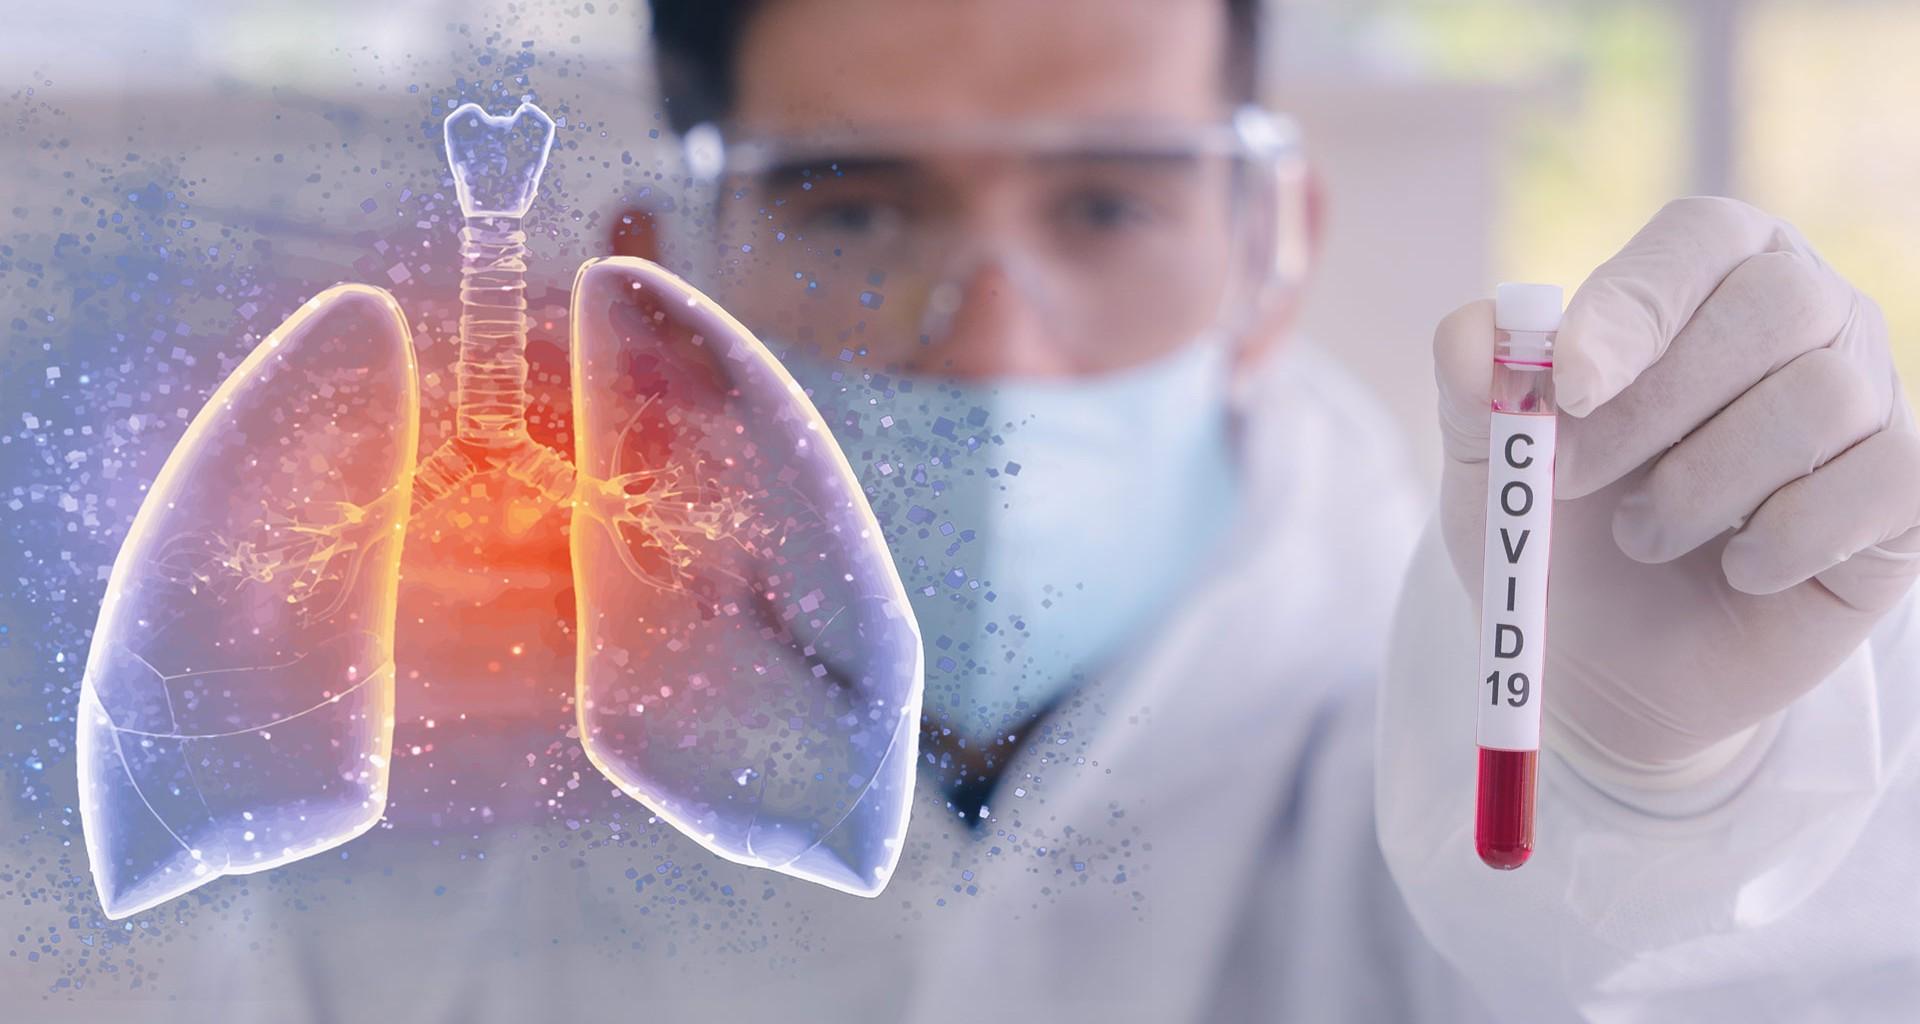 Datos básicos que debes saber sobre el coronavirus y COVID-19 | Tecnológico  de Monterrey